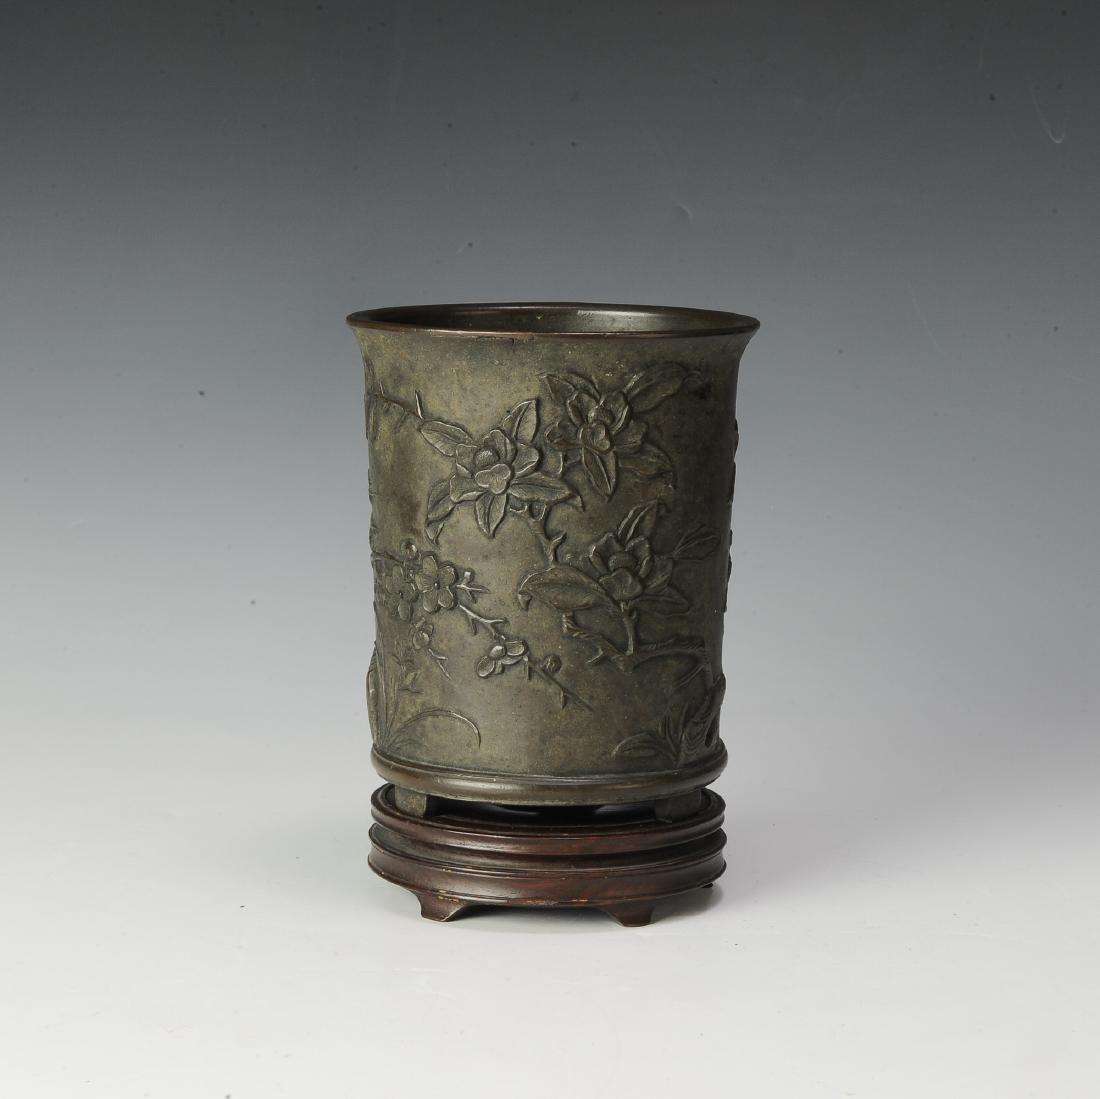 Chinese Bronze Brush Pot w/ Stand, 17th -18th Century - 4